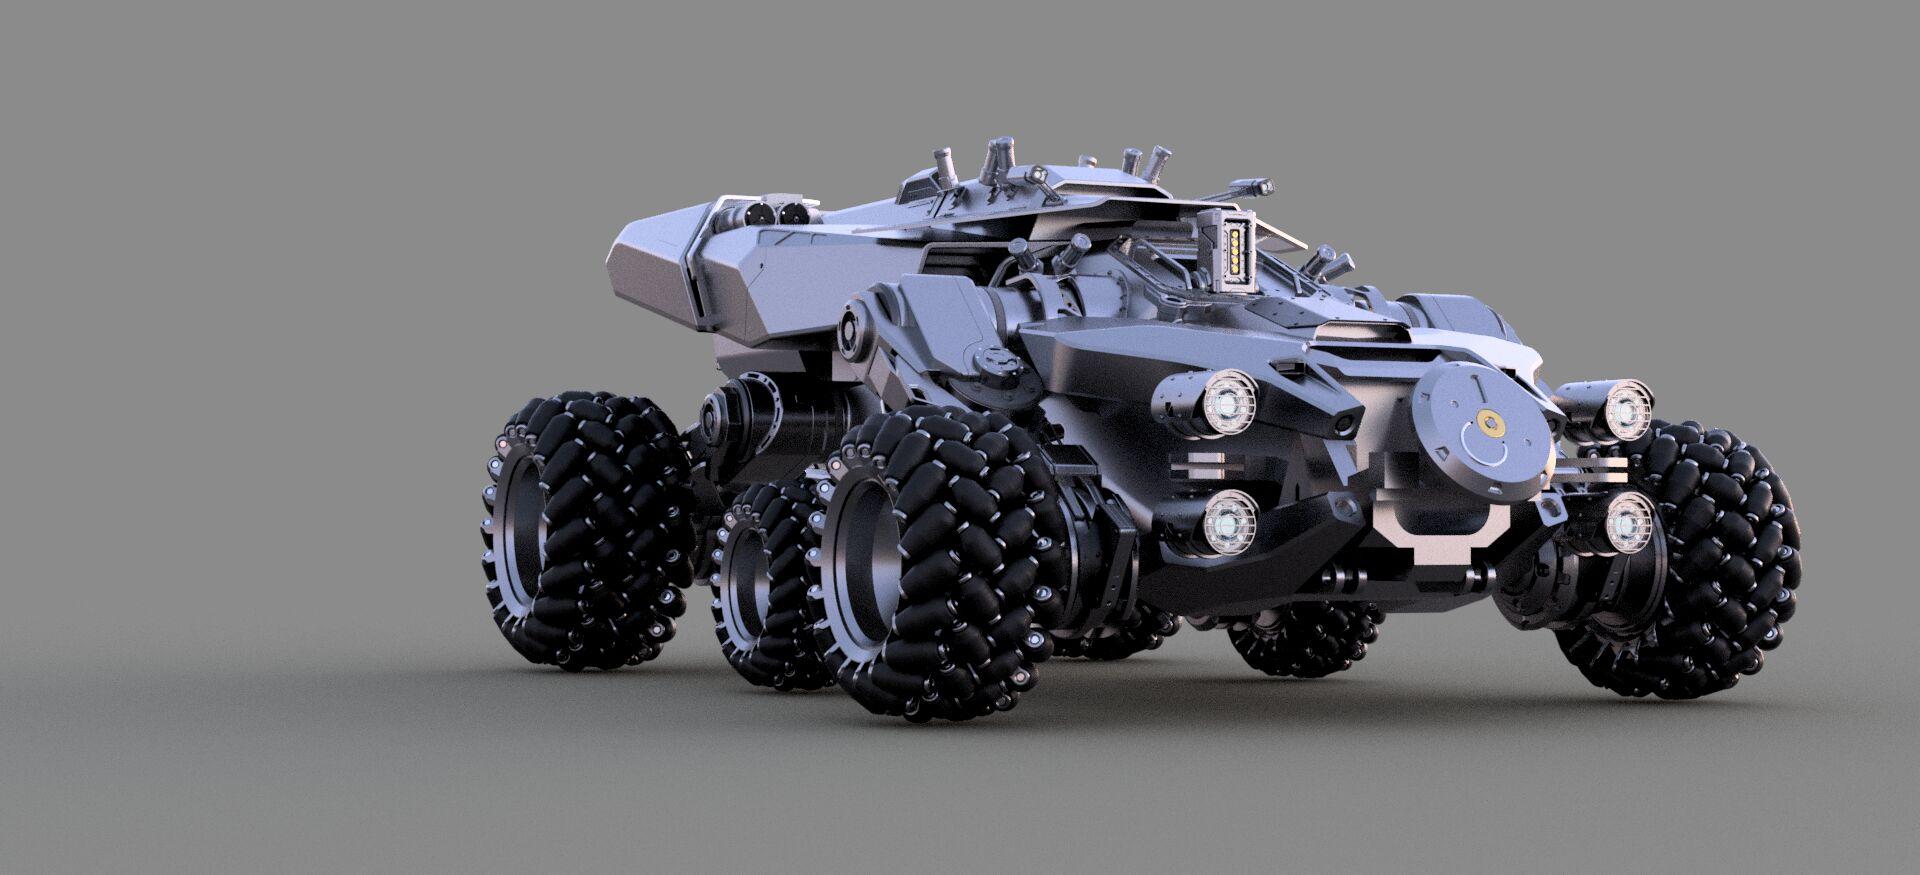 Scorpion-v543-3500-3500